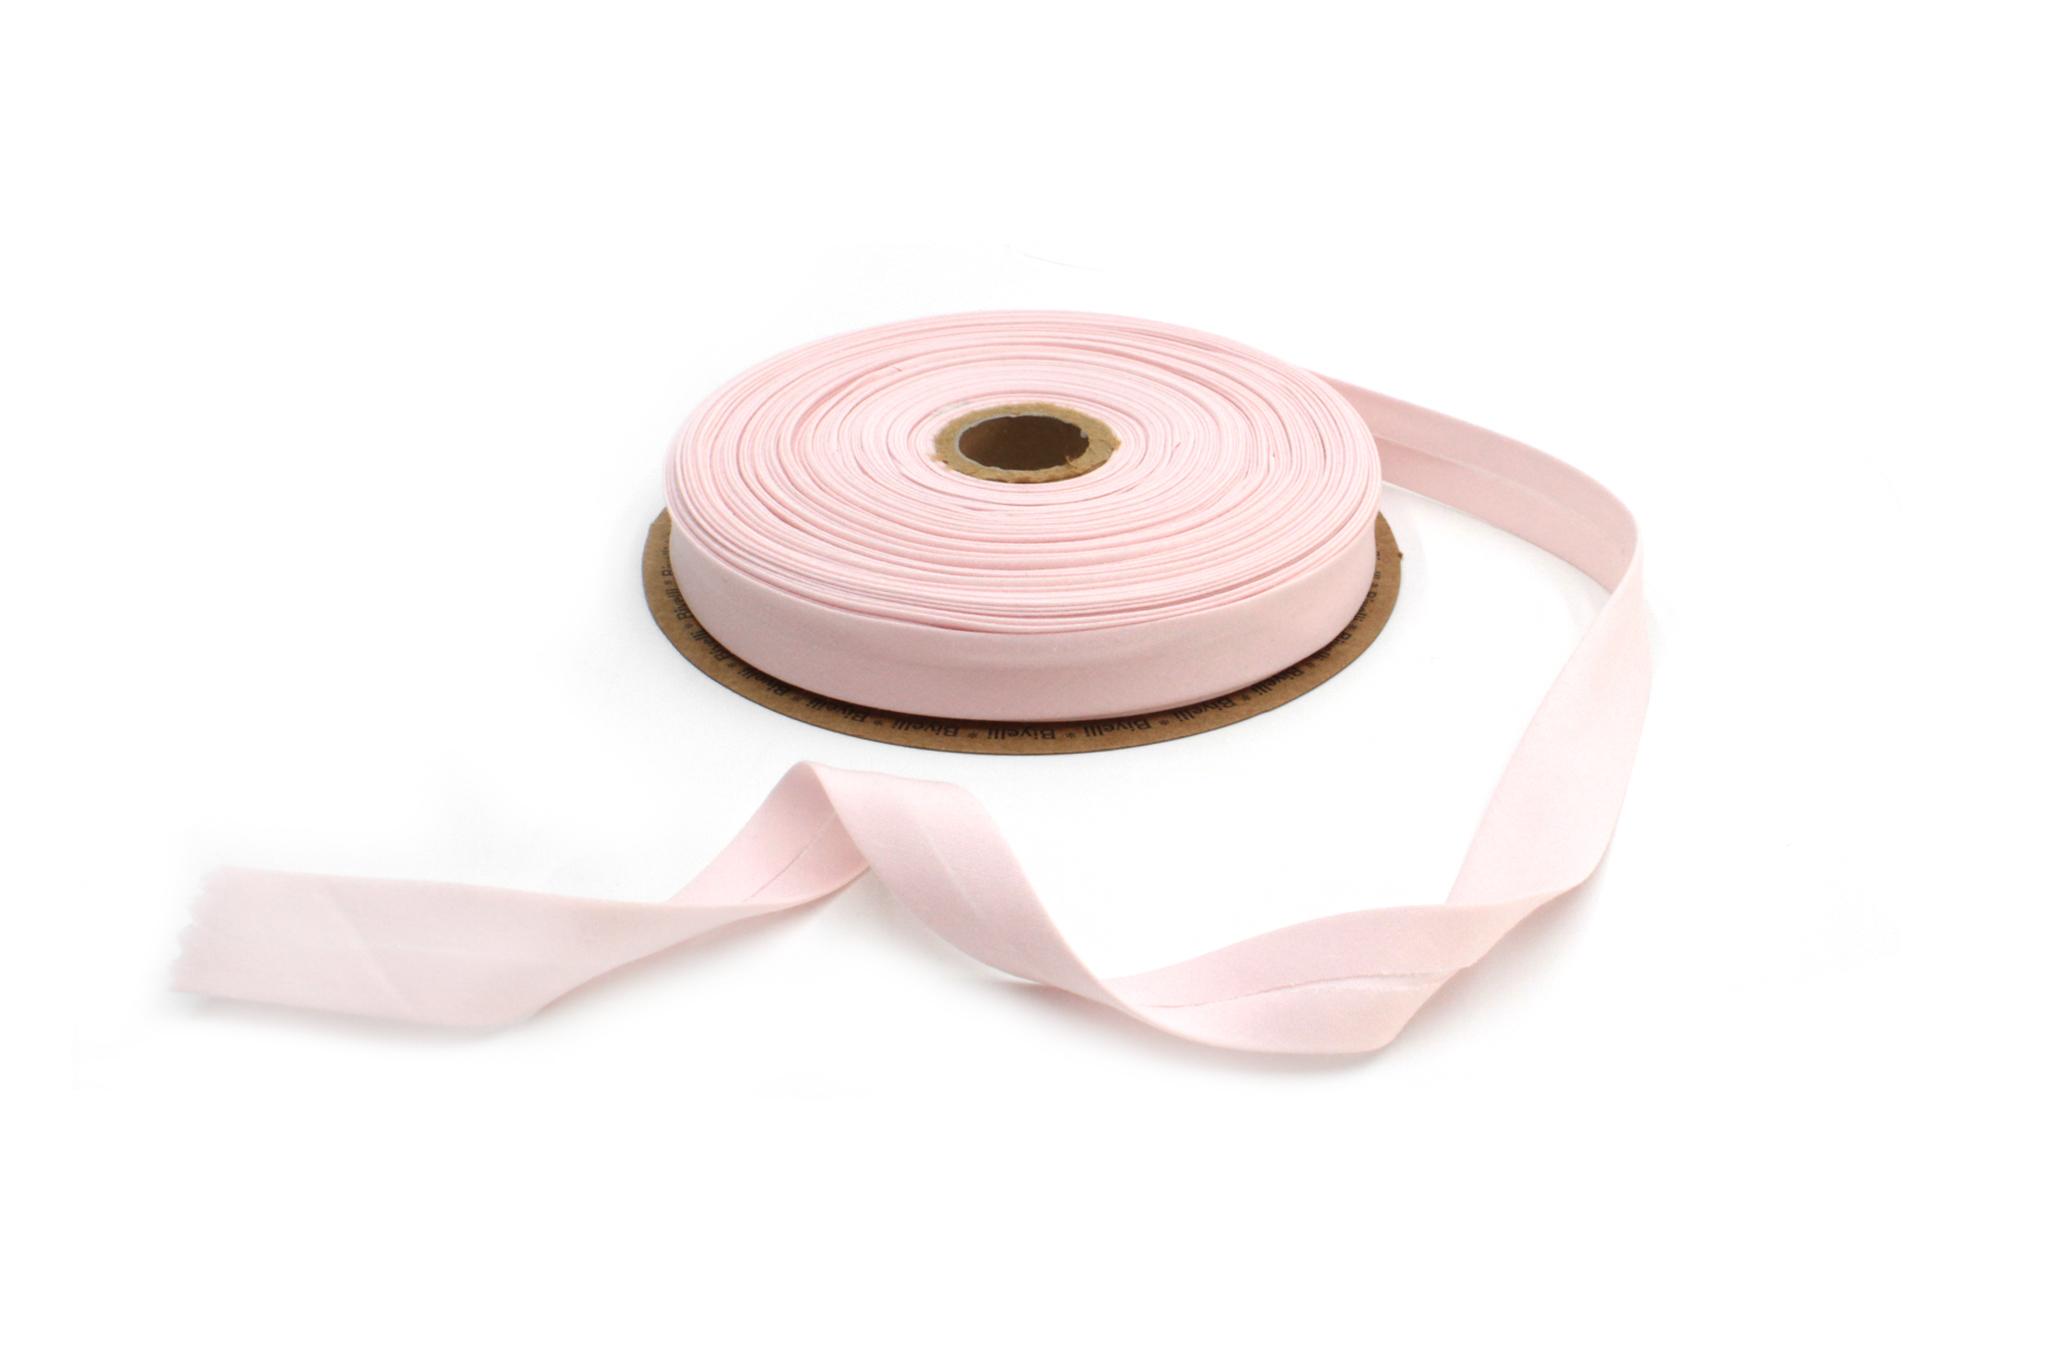 Бейка косая х/б,20 мм, бледно-розовый